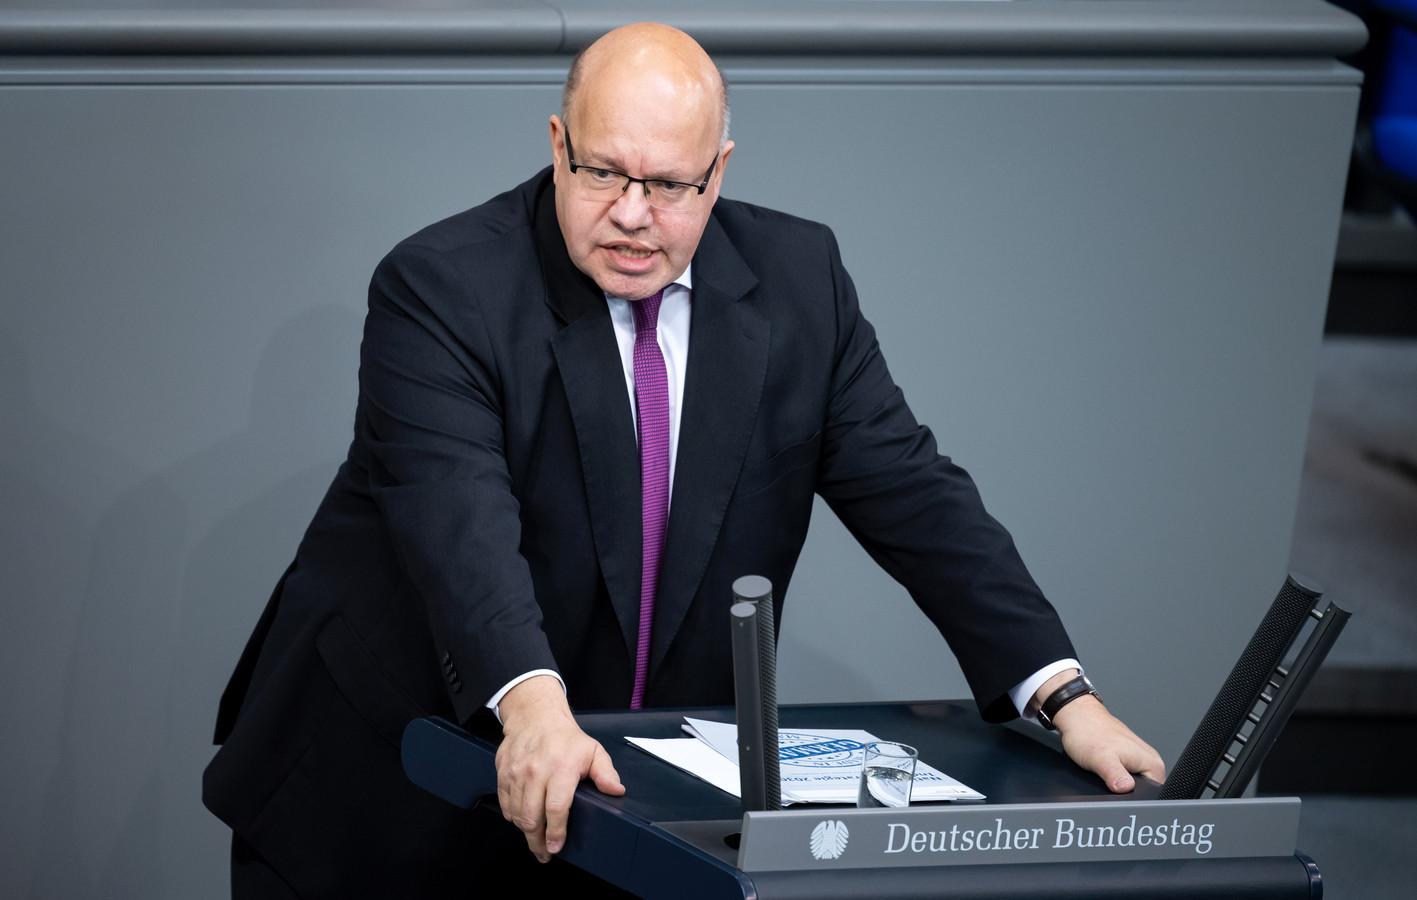 De Duitse minister van Economische Zaken Peter Altmaier spreekt van 'een eerste straaltje hoop' voor de economie in Duitsland.